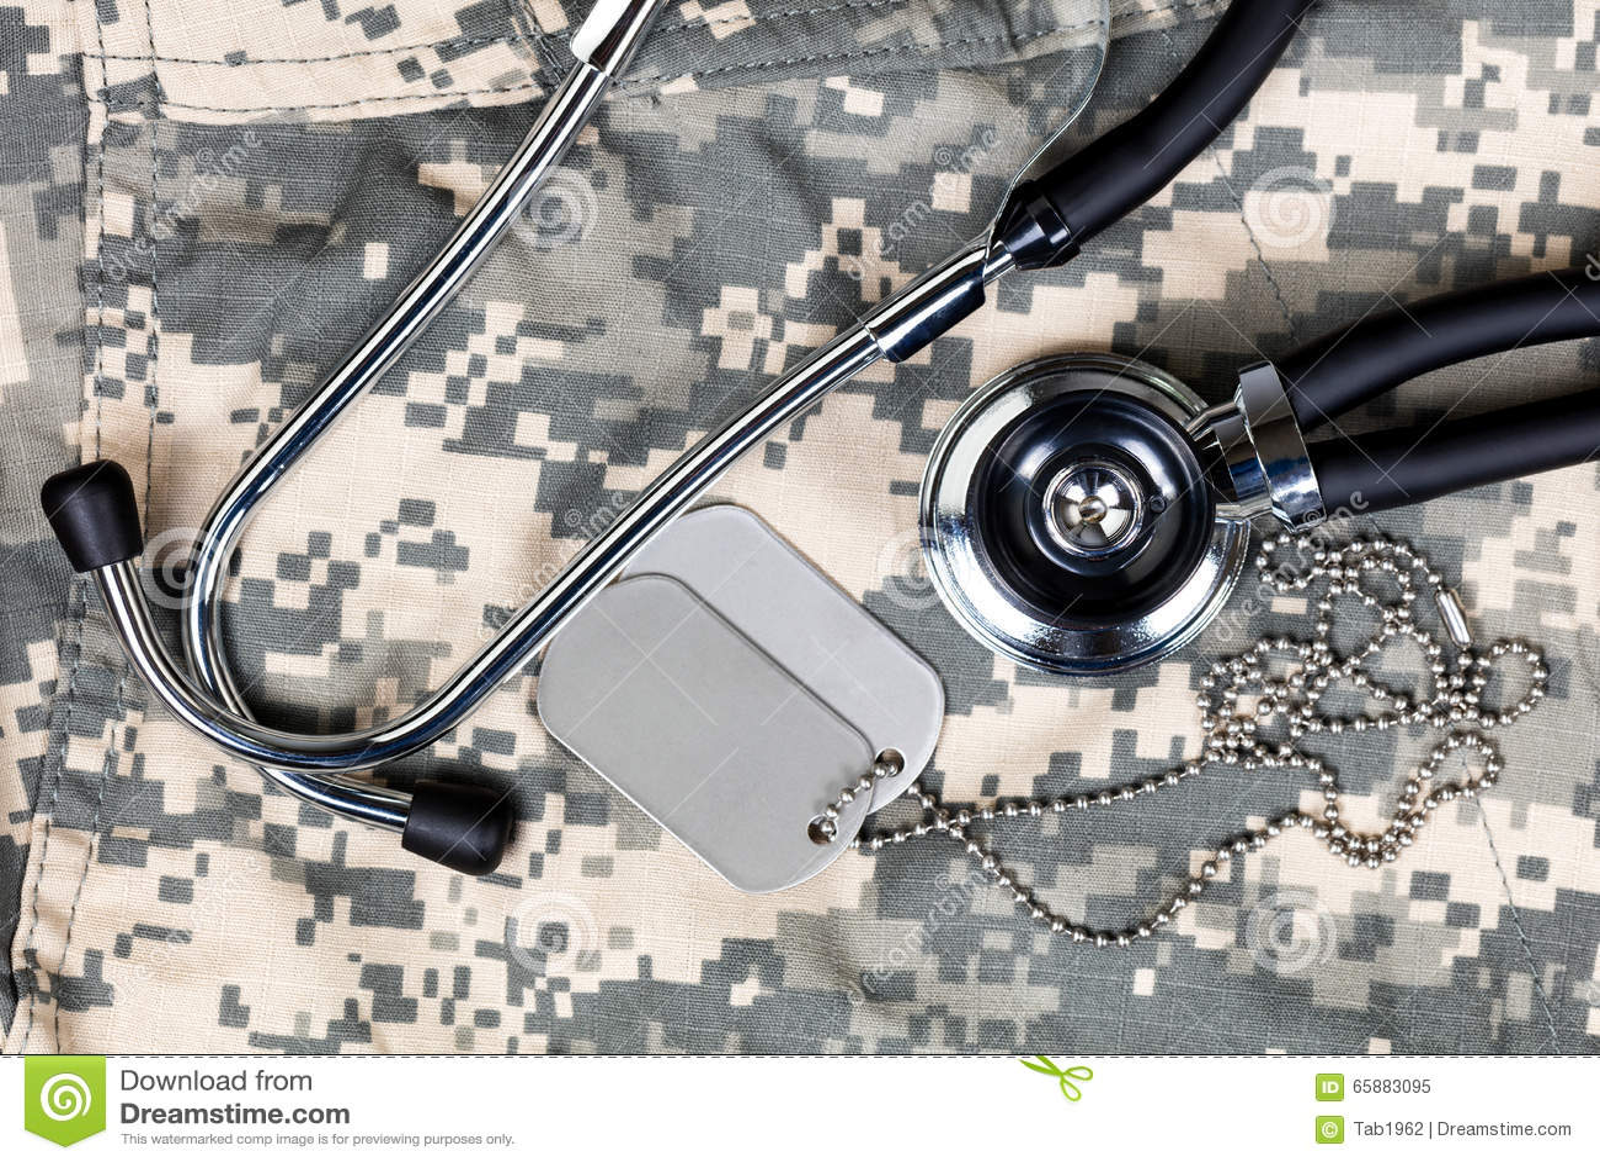 Conceito médico militar com a etiqueta do estetoscópio e de identificação